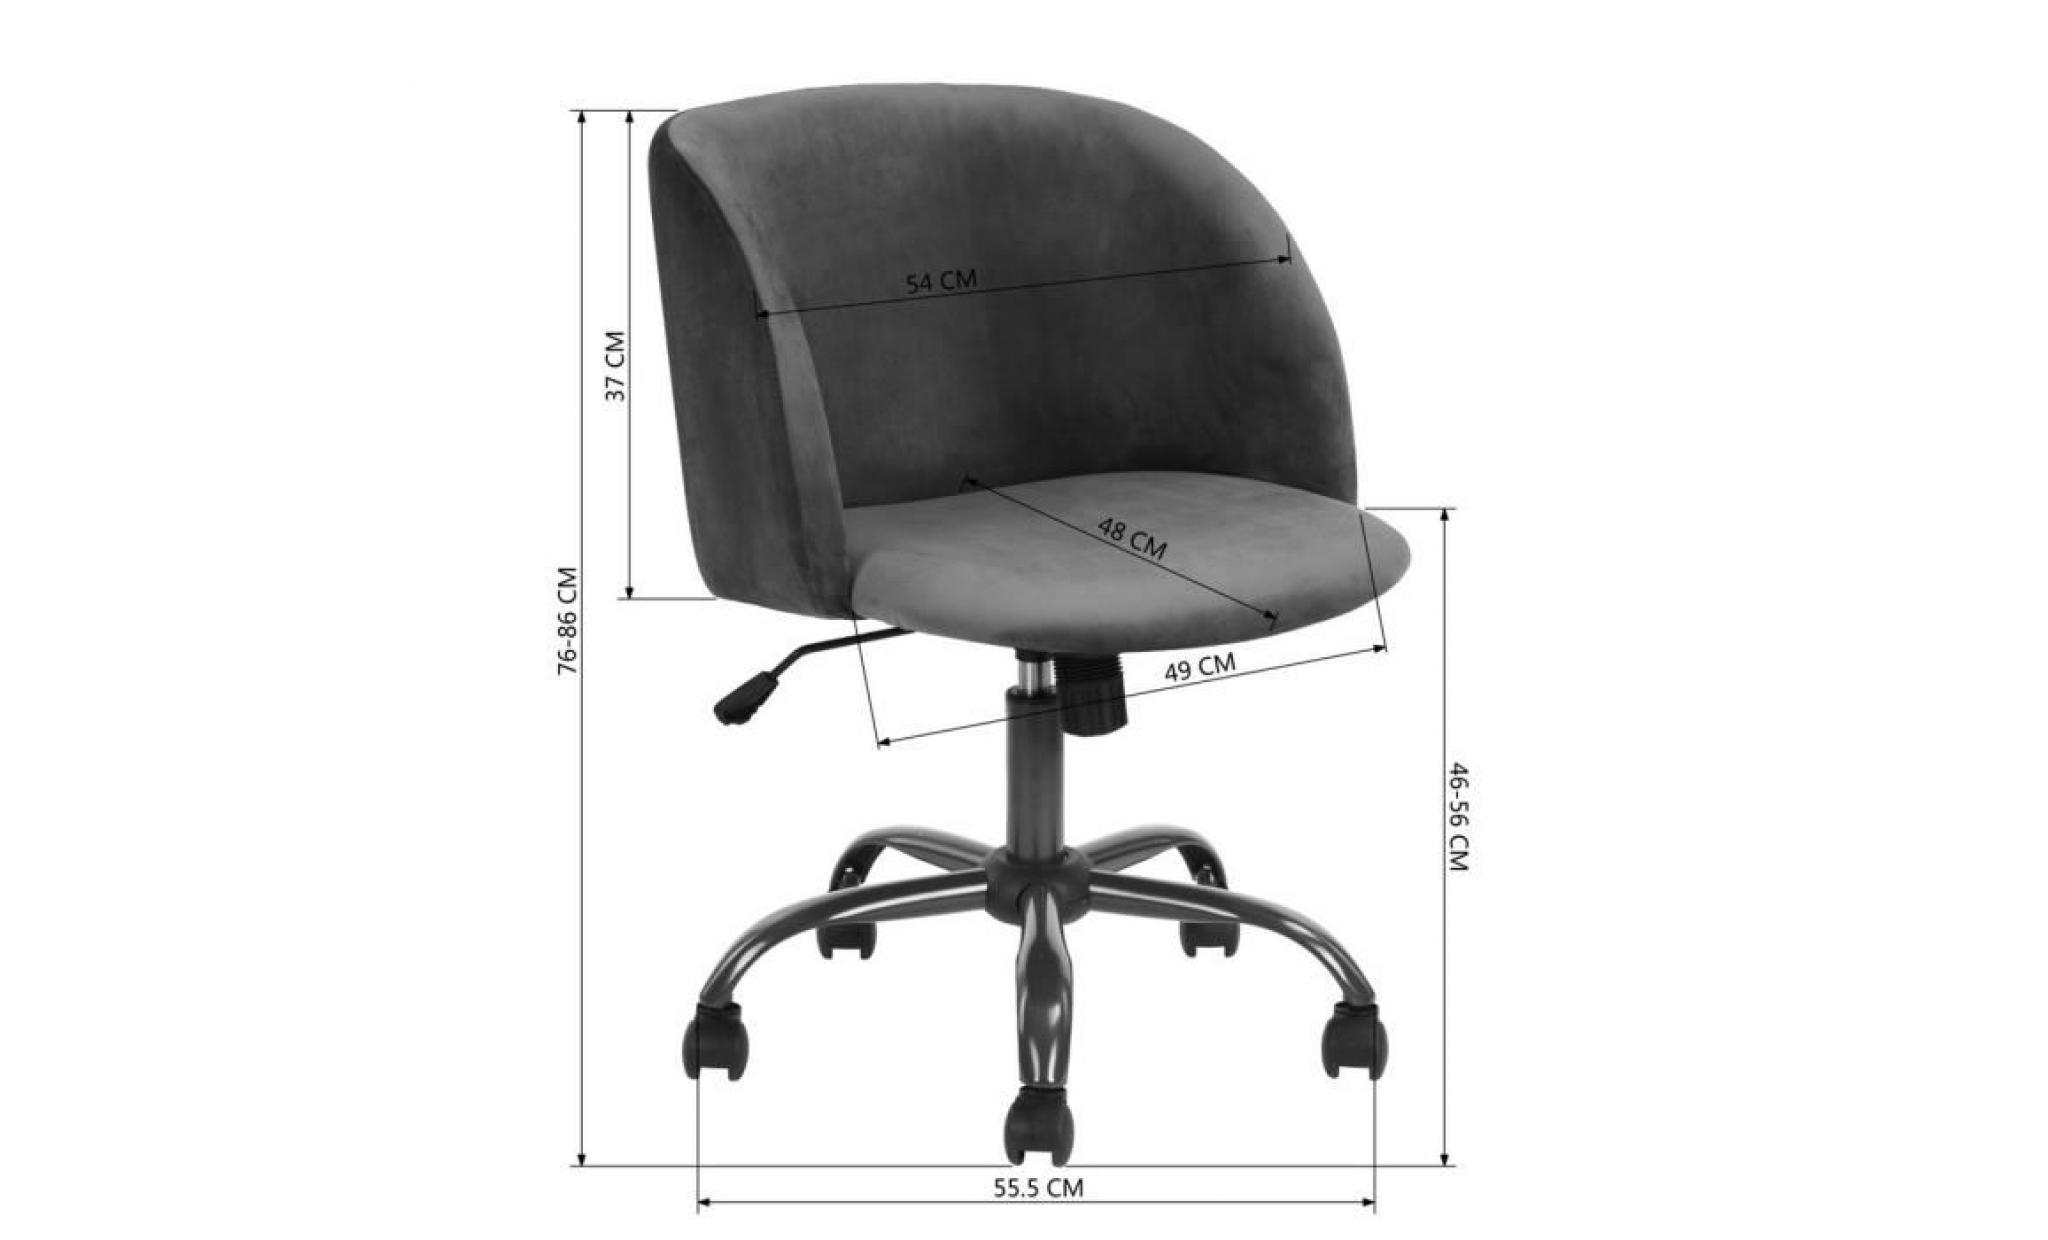 chaise de bureau fauteuil secretaire tissu velours metal hauteur reglable siege pivotant mobile roulant roulettes vert achat vente fauteuil de bureau pas cher couleur et design fr